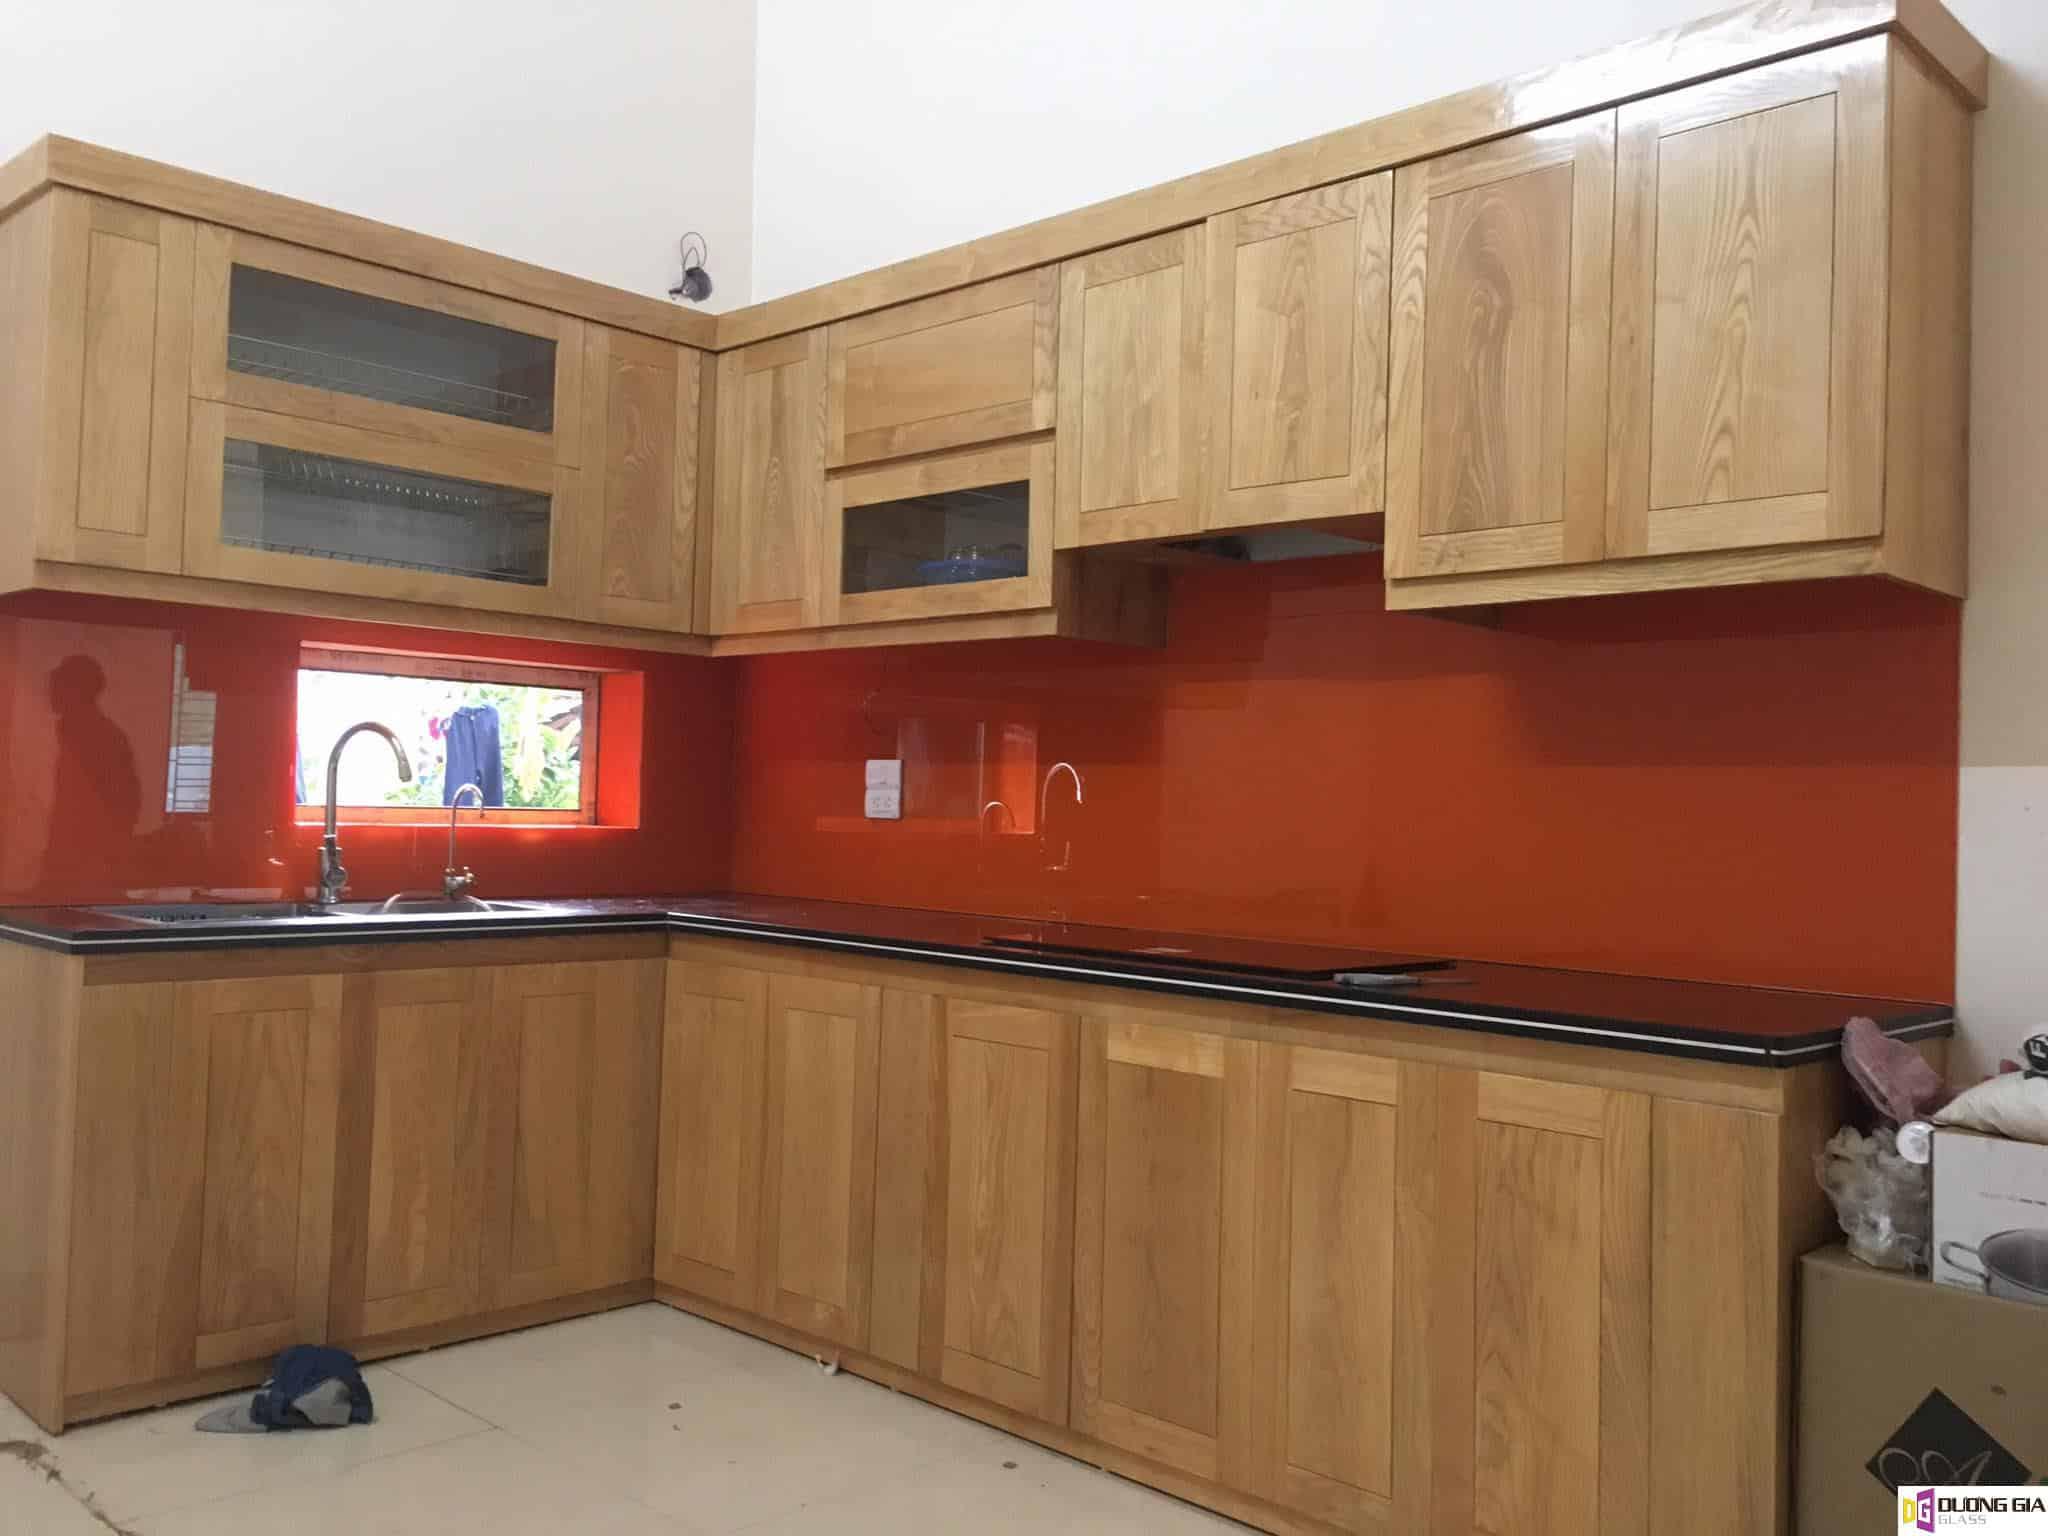 Kính ốp bếp màu đỏ cam mẫu 2